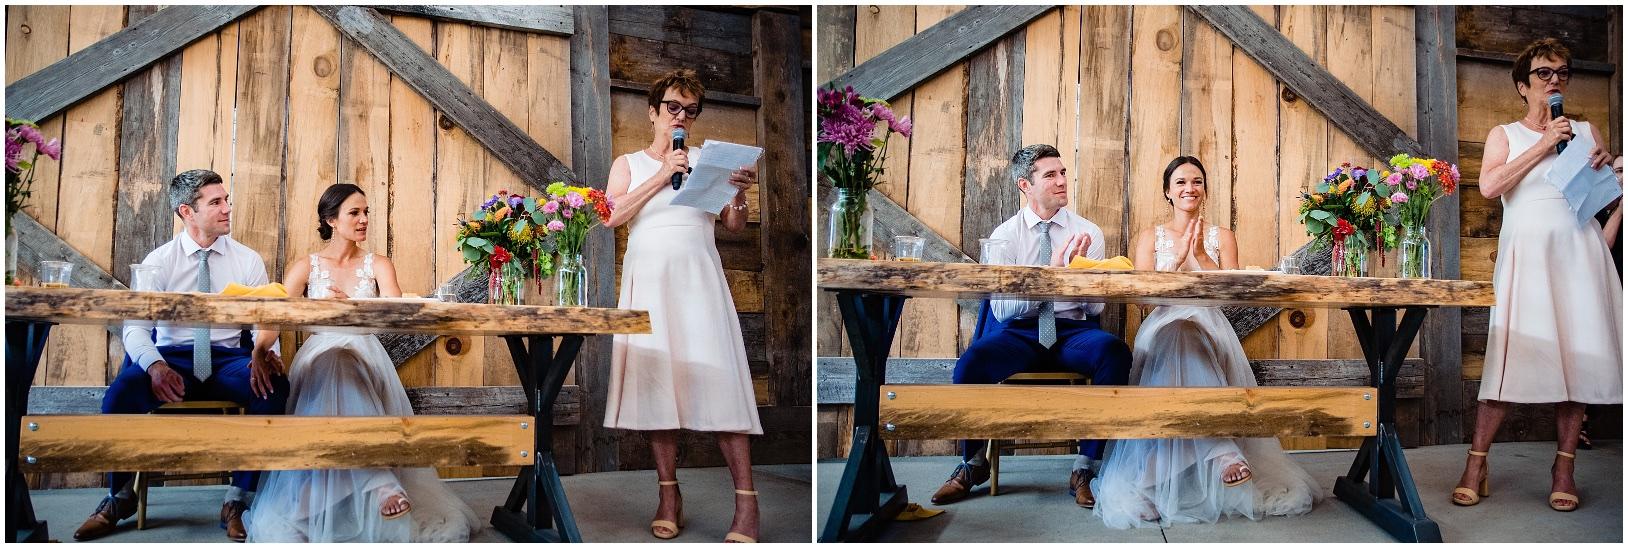 lindseyjane_weddings0102.jpg